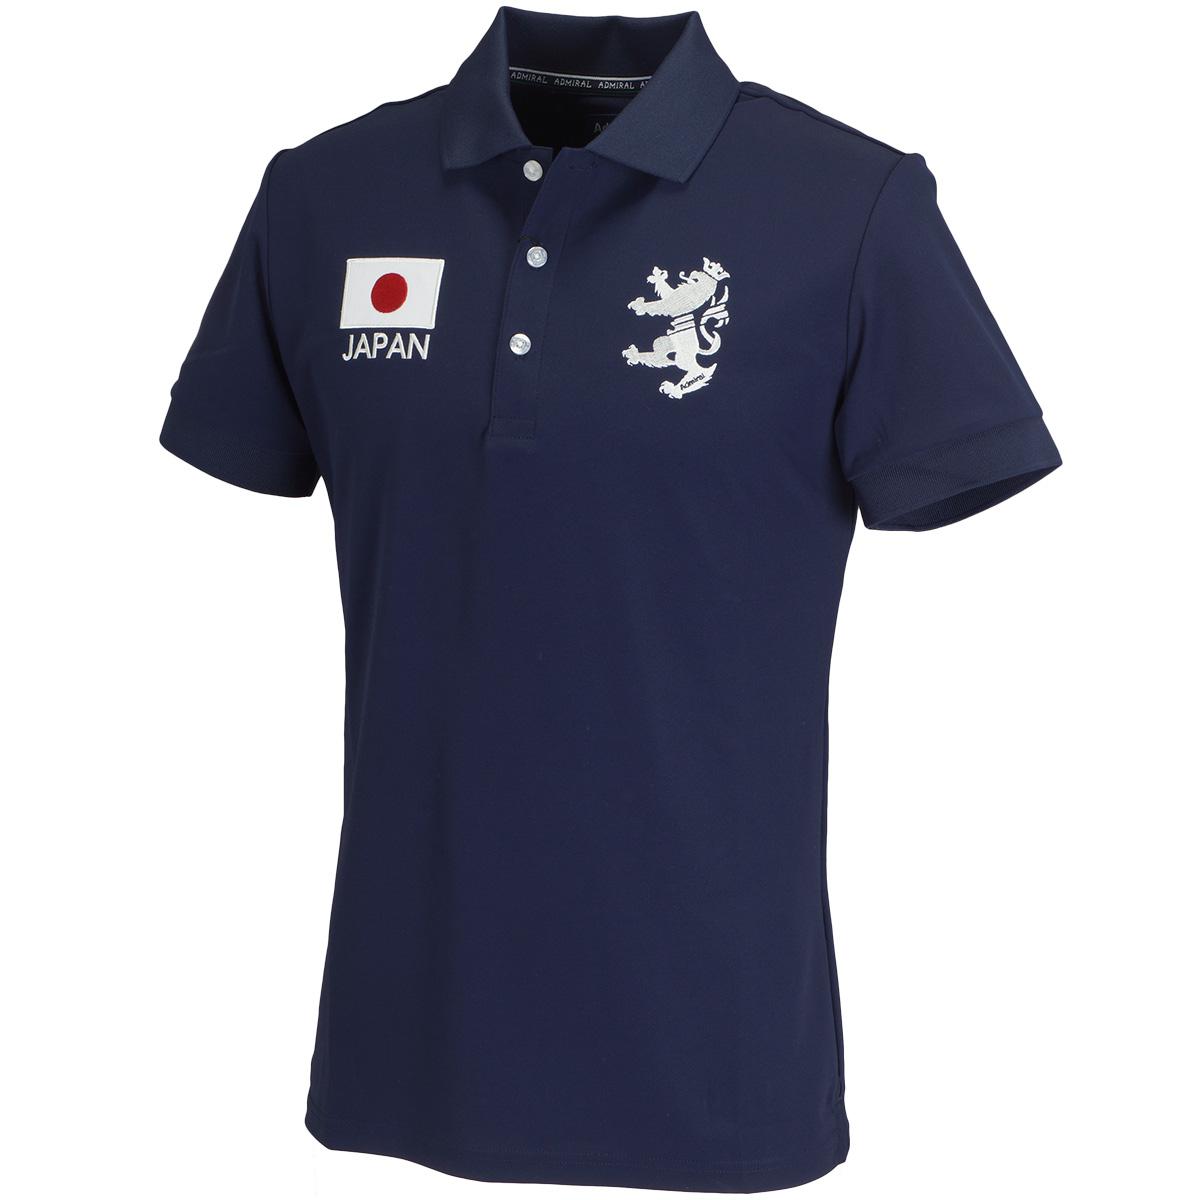 JAPAN 半袖ポロシャツ